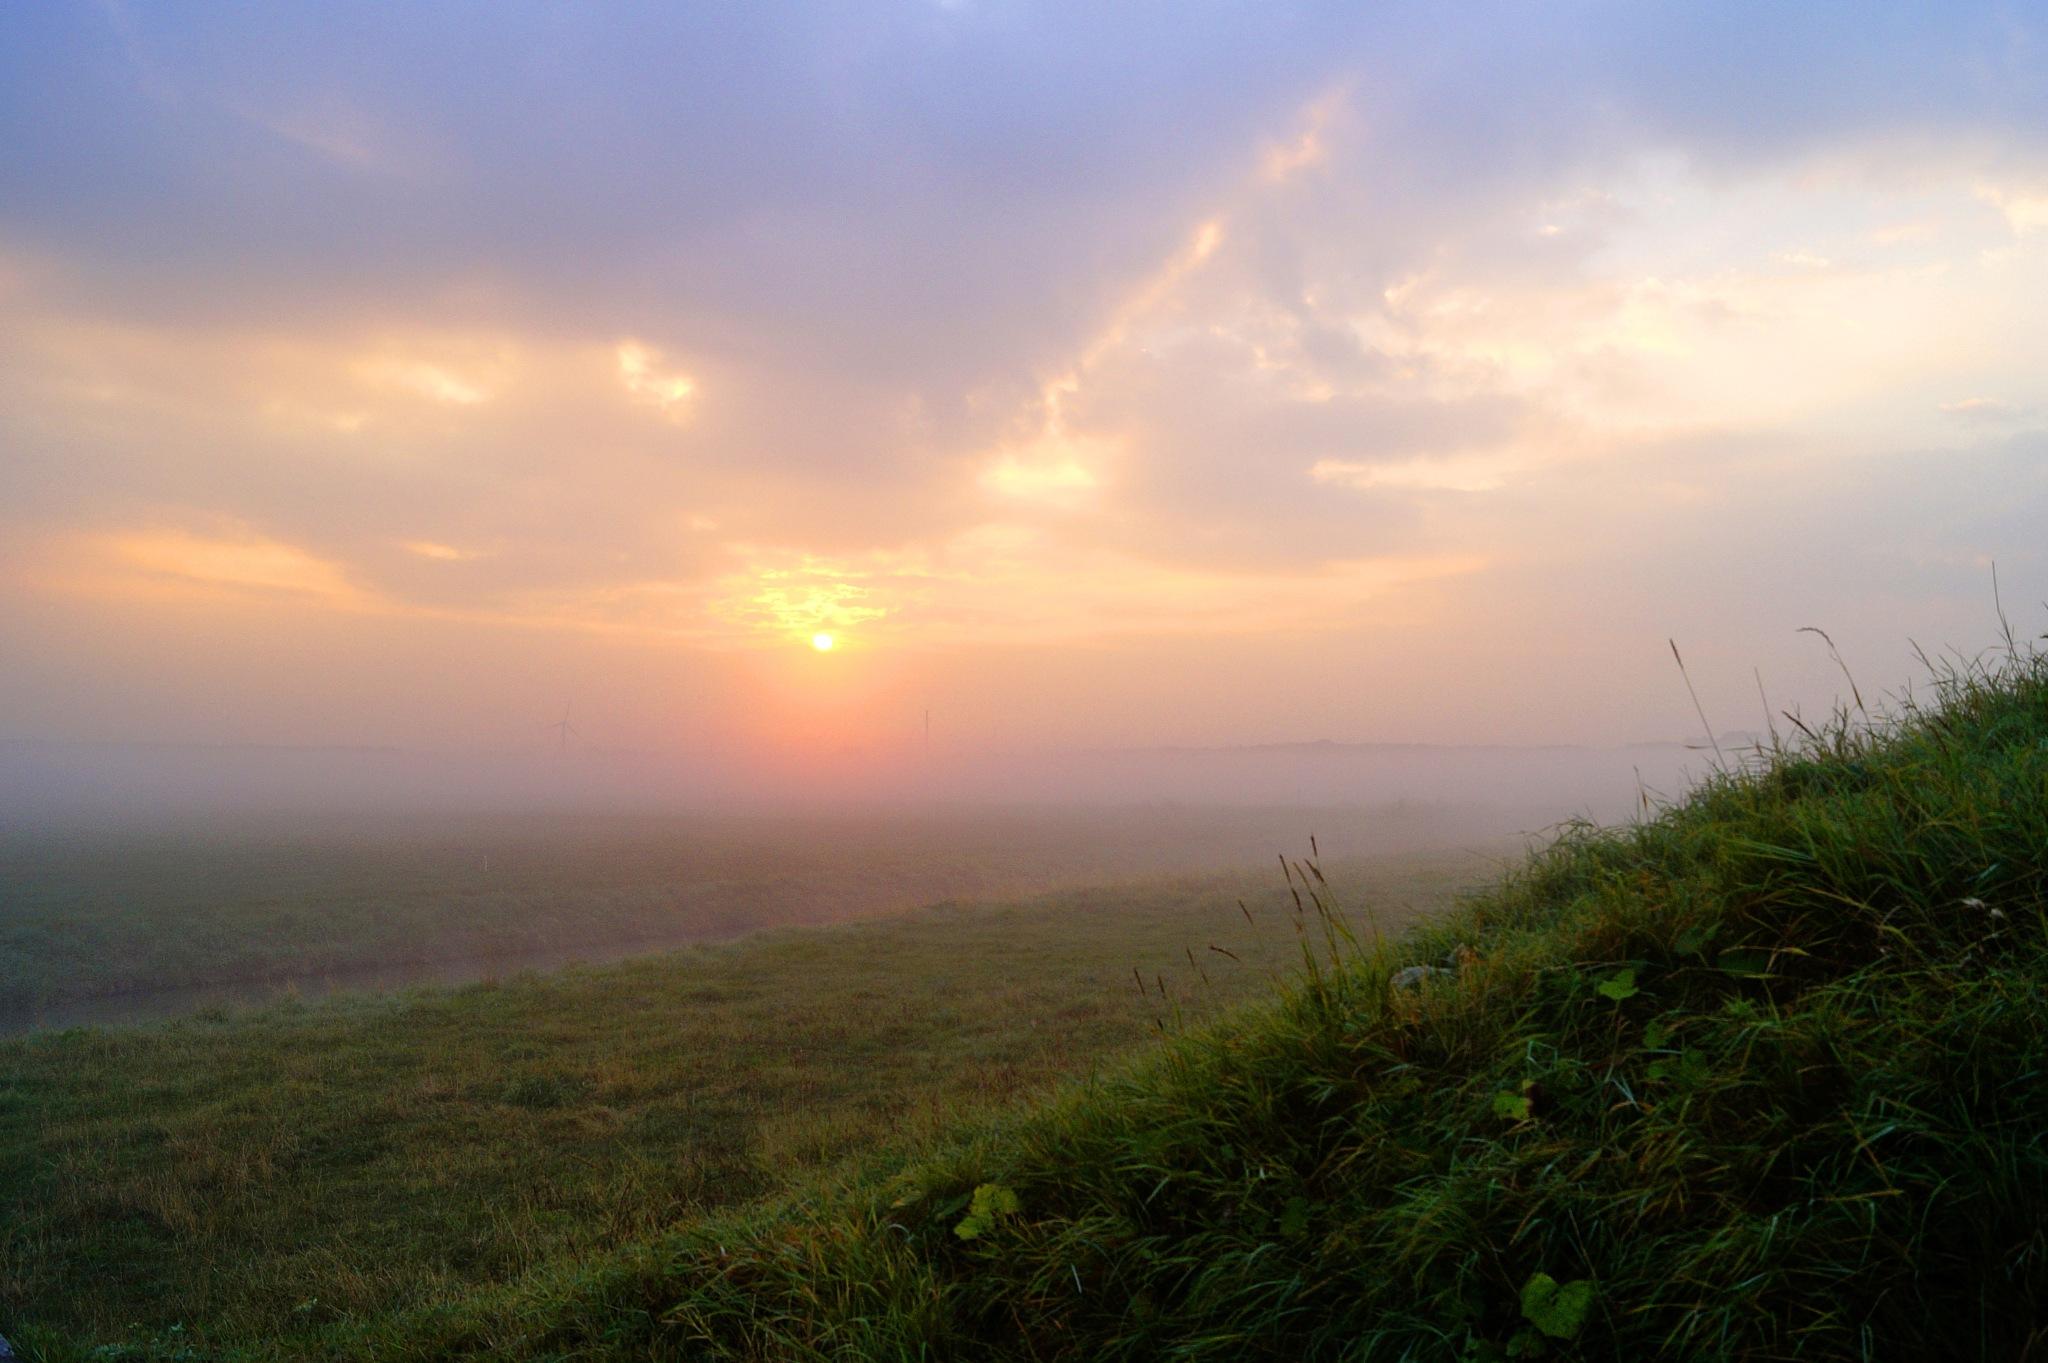 Misty Sunrise by Marian Baay